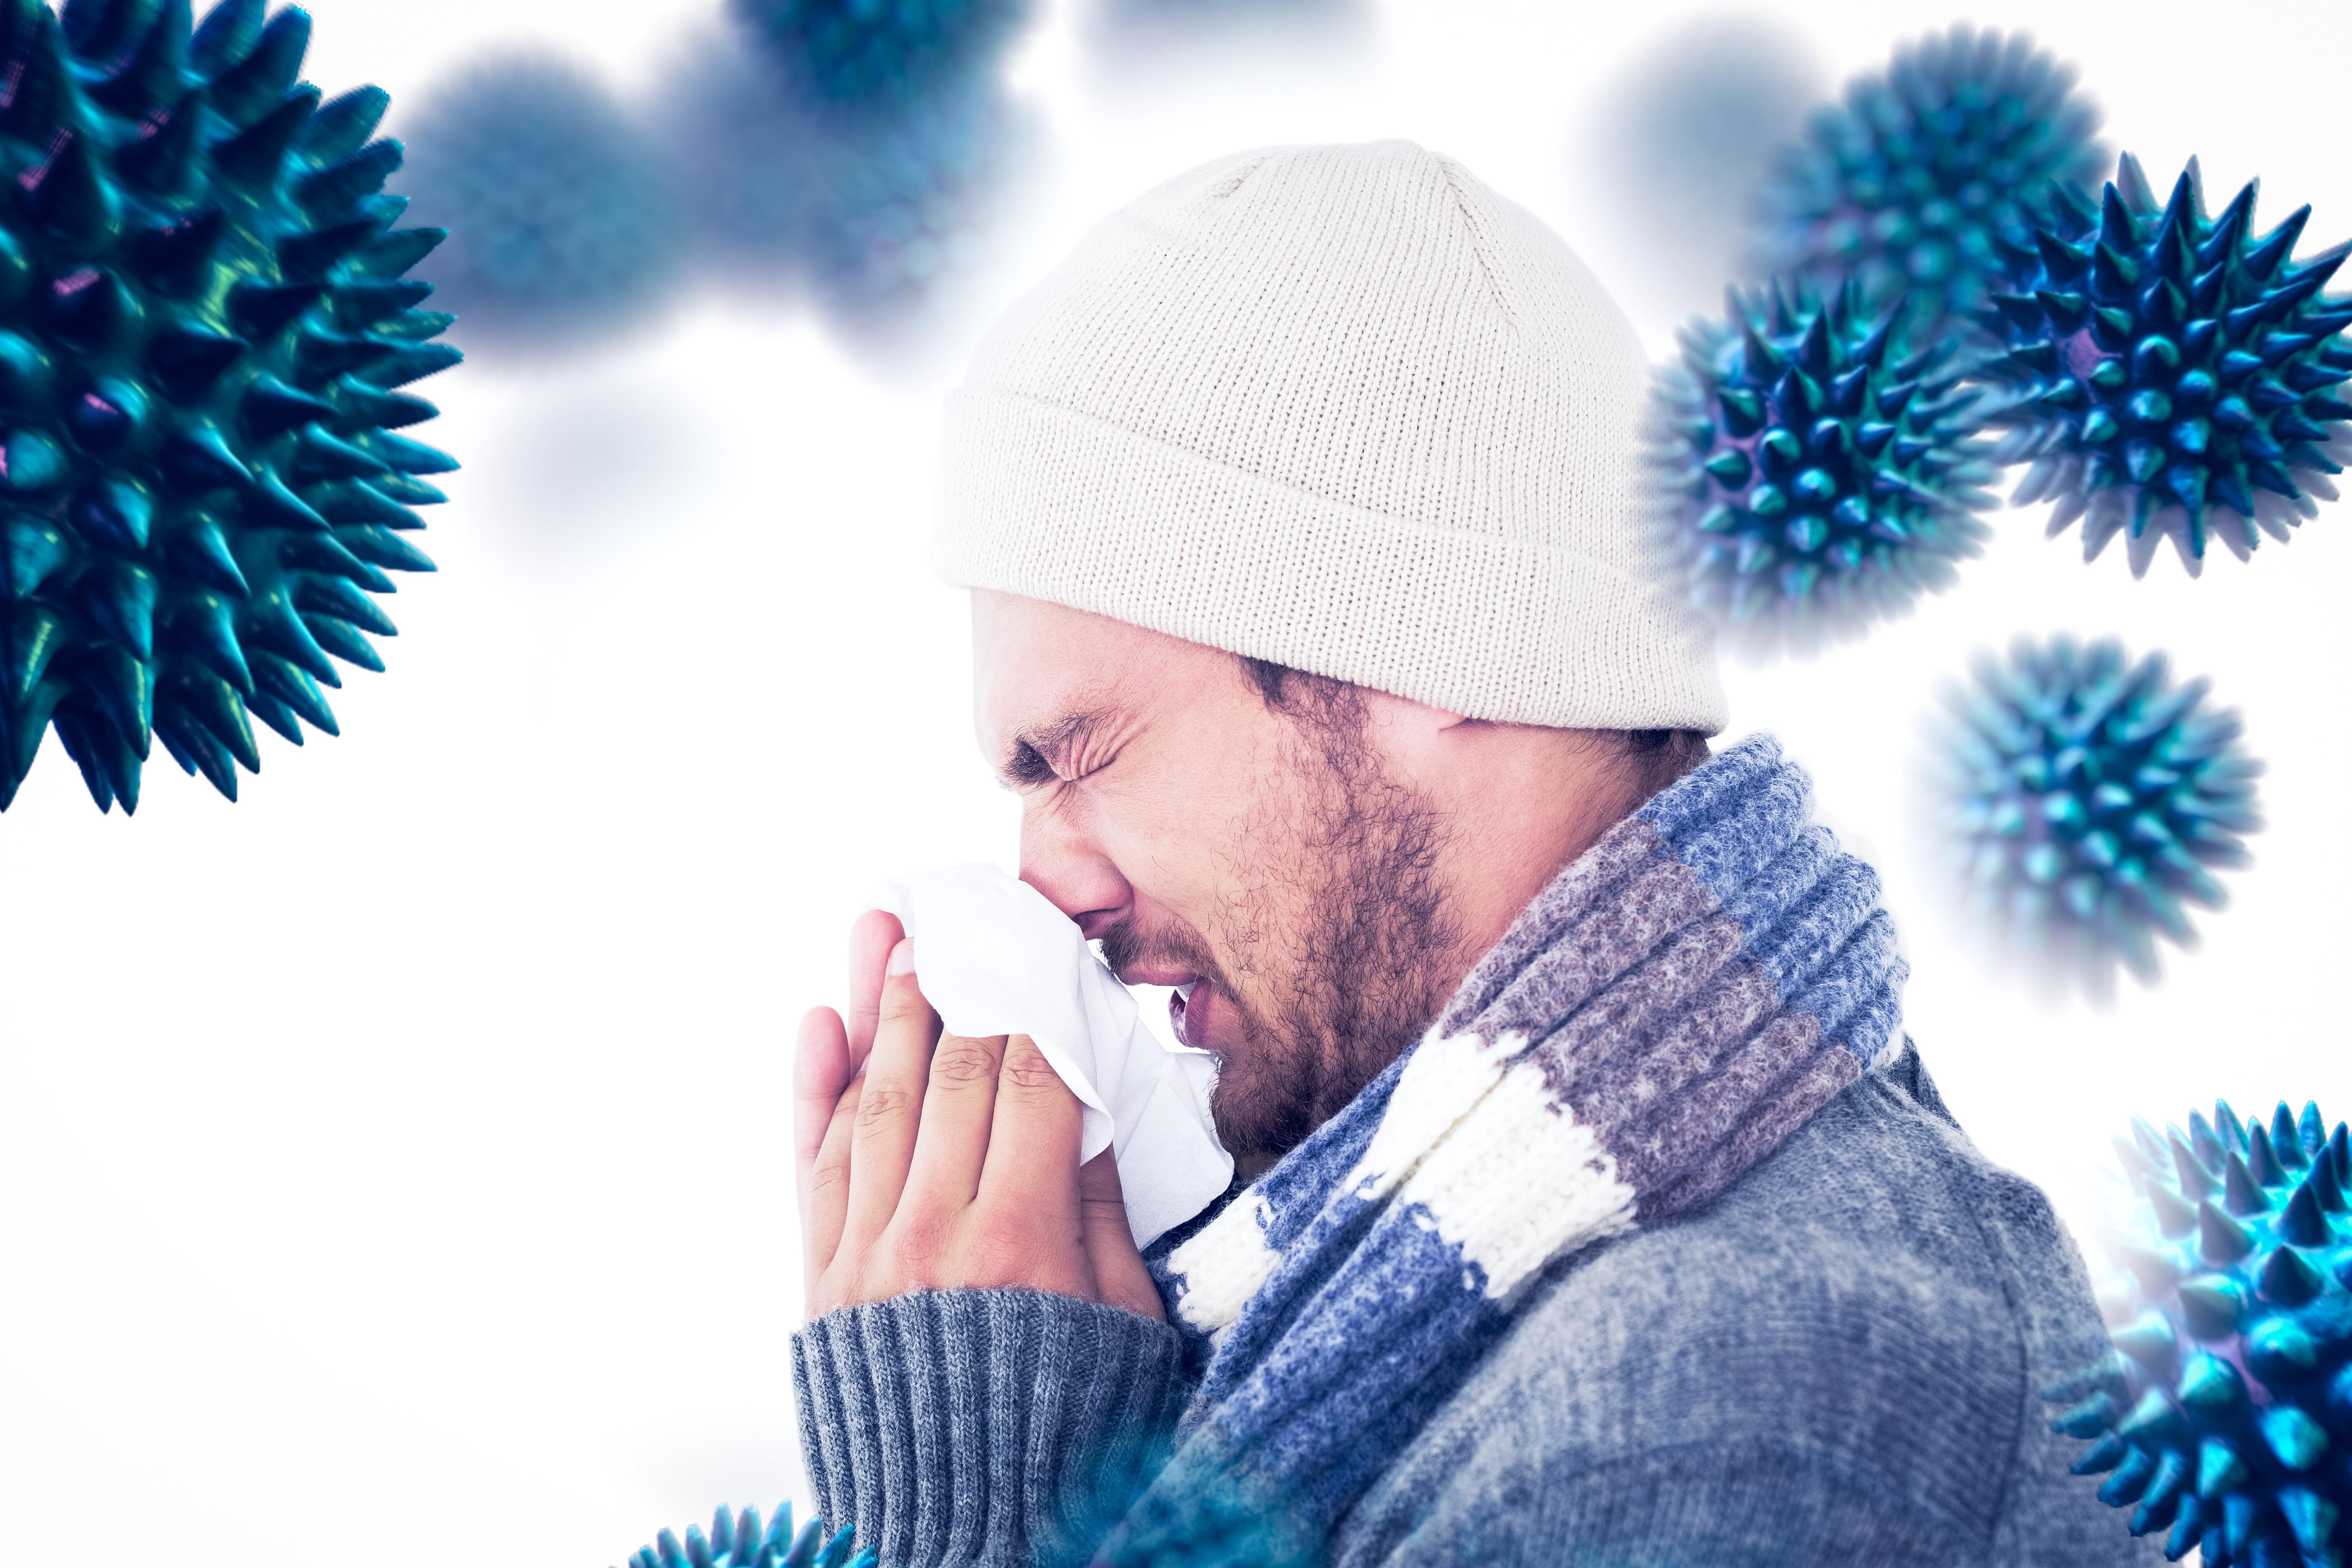 Chcete posílit svou celkovou imunitu? Vyzkoušejte kombinaci Lipo-C-Askor a Colenter LD